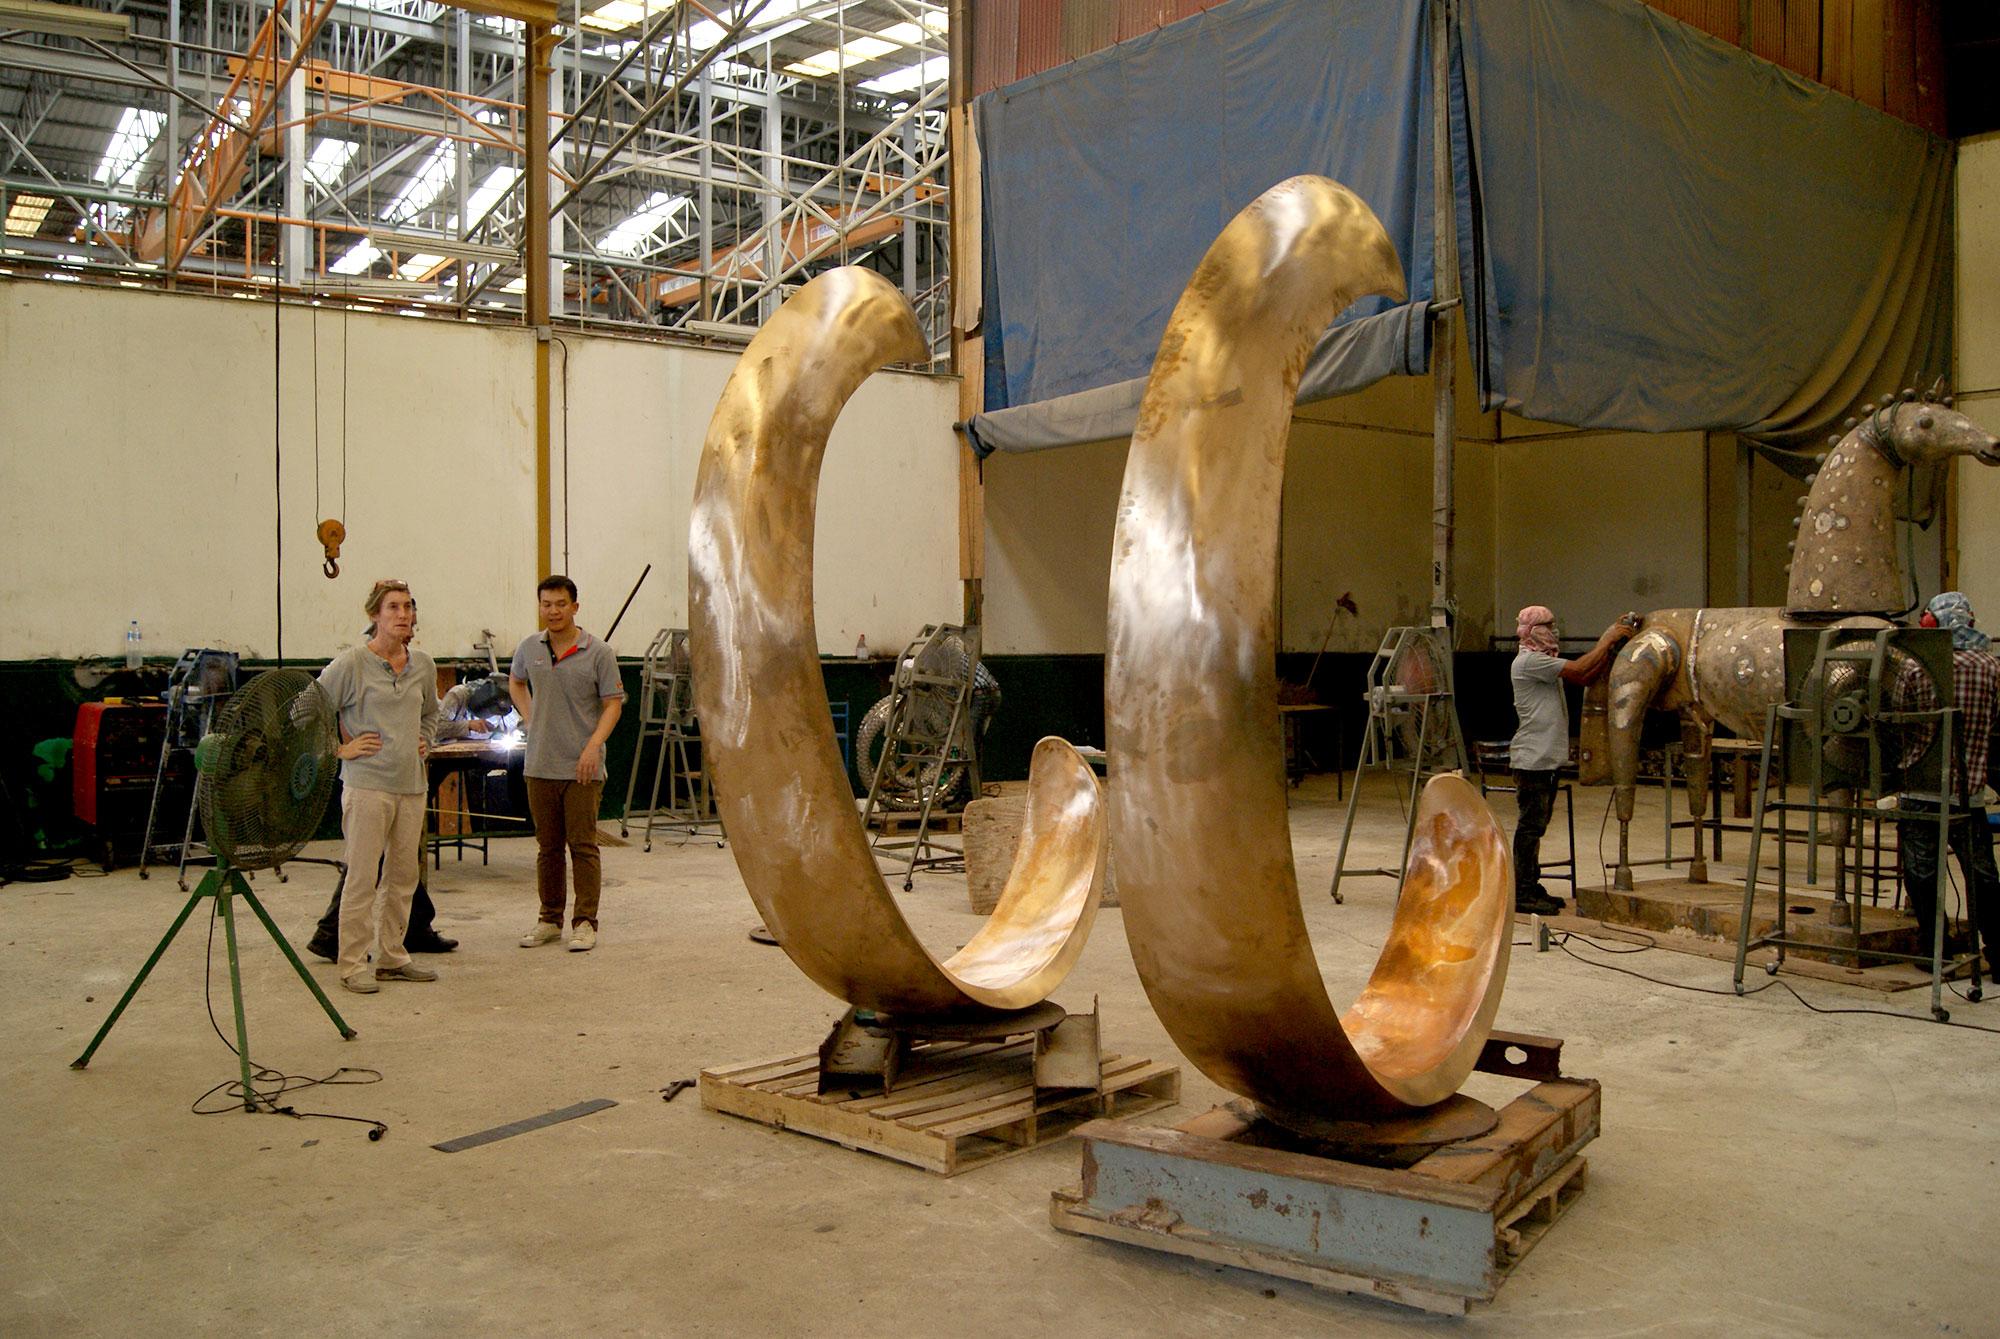 """la sculpteure française Val – Valérie Goutard - dans fonderie de bronze en Thaïlande avec """"Inle balance II"""" – avec Sculptureval"""